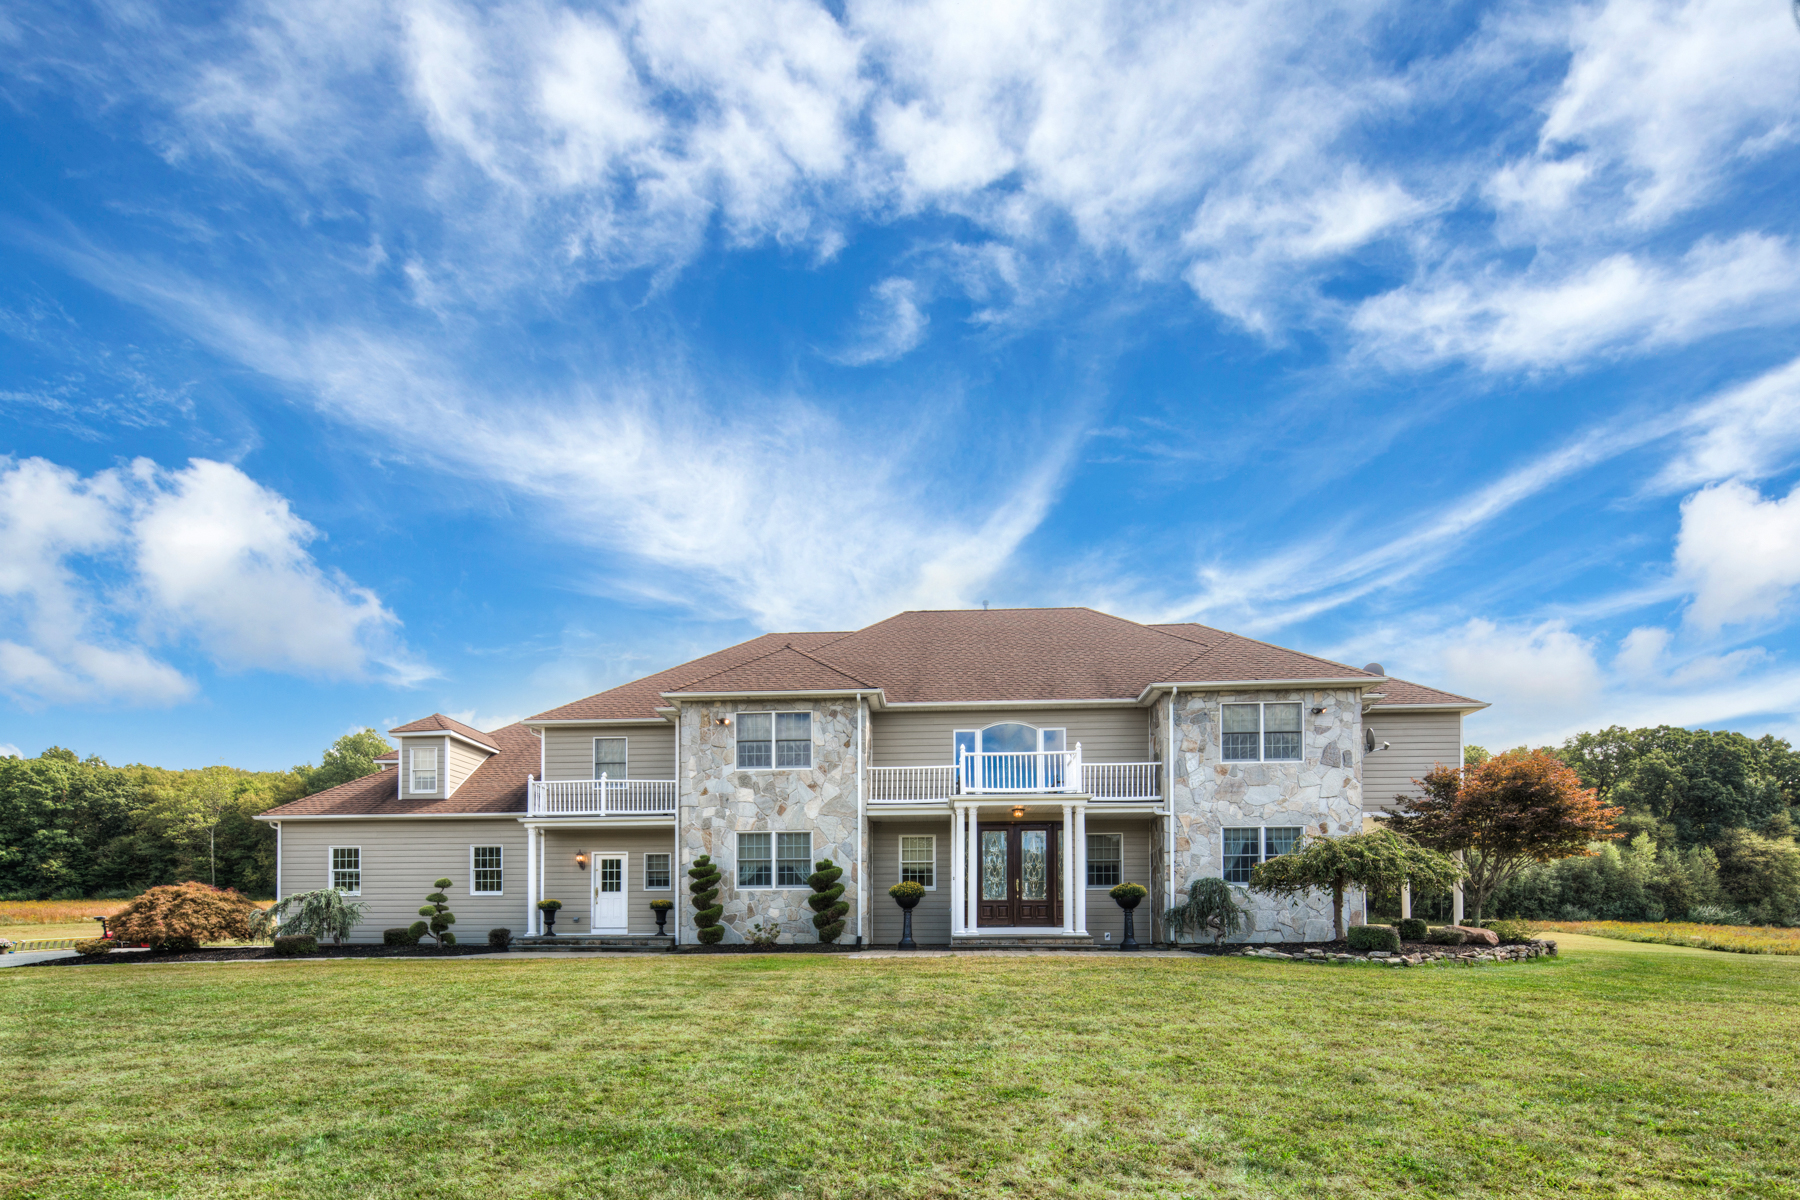 Частный односемейный дом для того Продажа на Truly Impressive 464 Mount Bethel Road Oxford, 07863 Соединенные Штаты